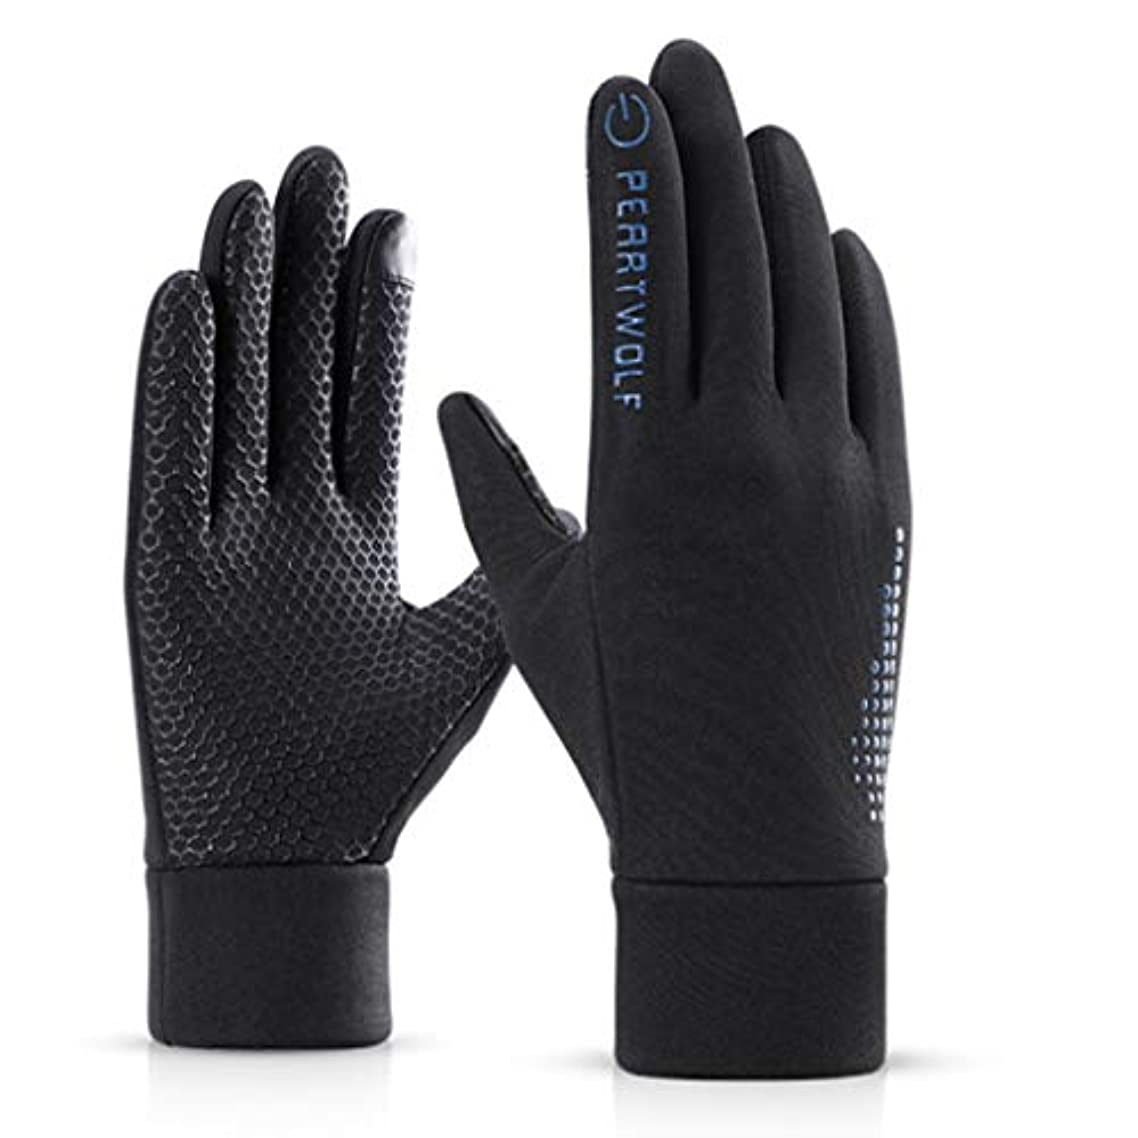 複雑ストッキング眼手袋男性の冬のライディングプラスベルベット暖かい防風冷たい韓国人の学生のタッチスクリーンスポーツメンズ手袋